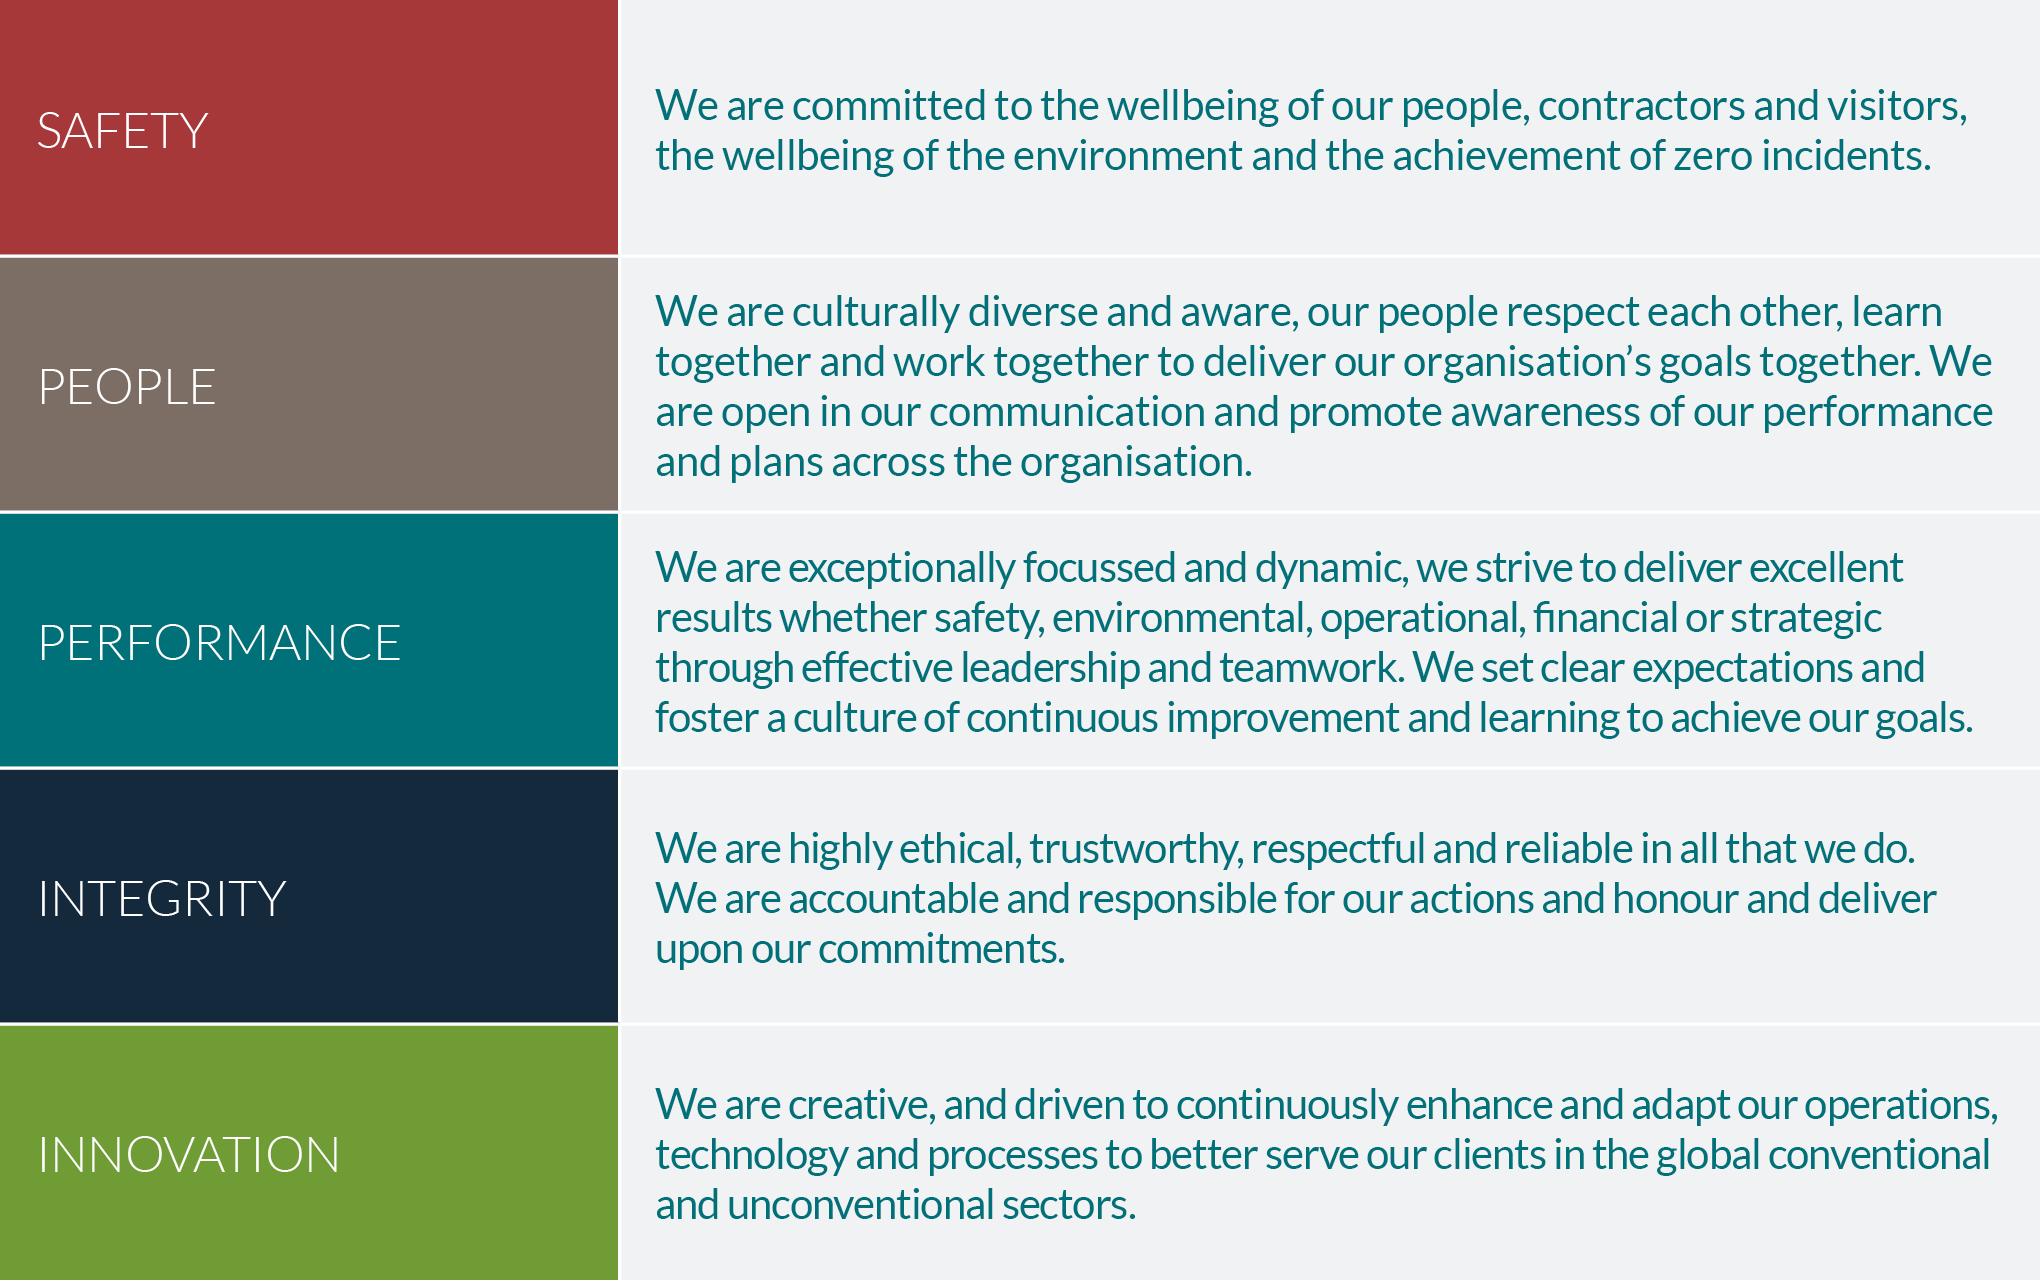 Tendeka Values